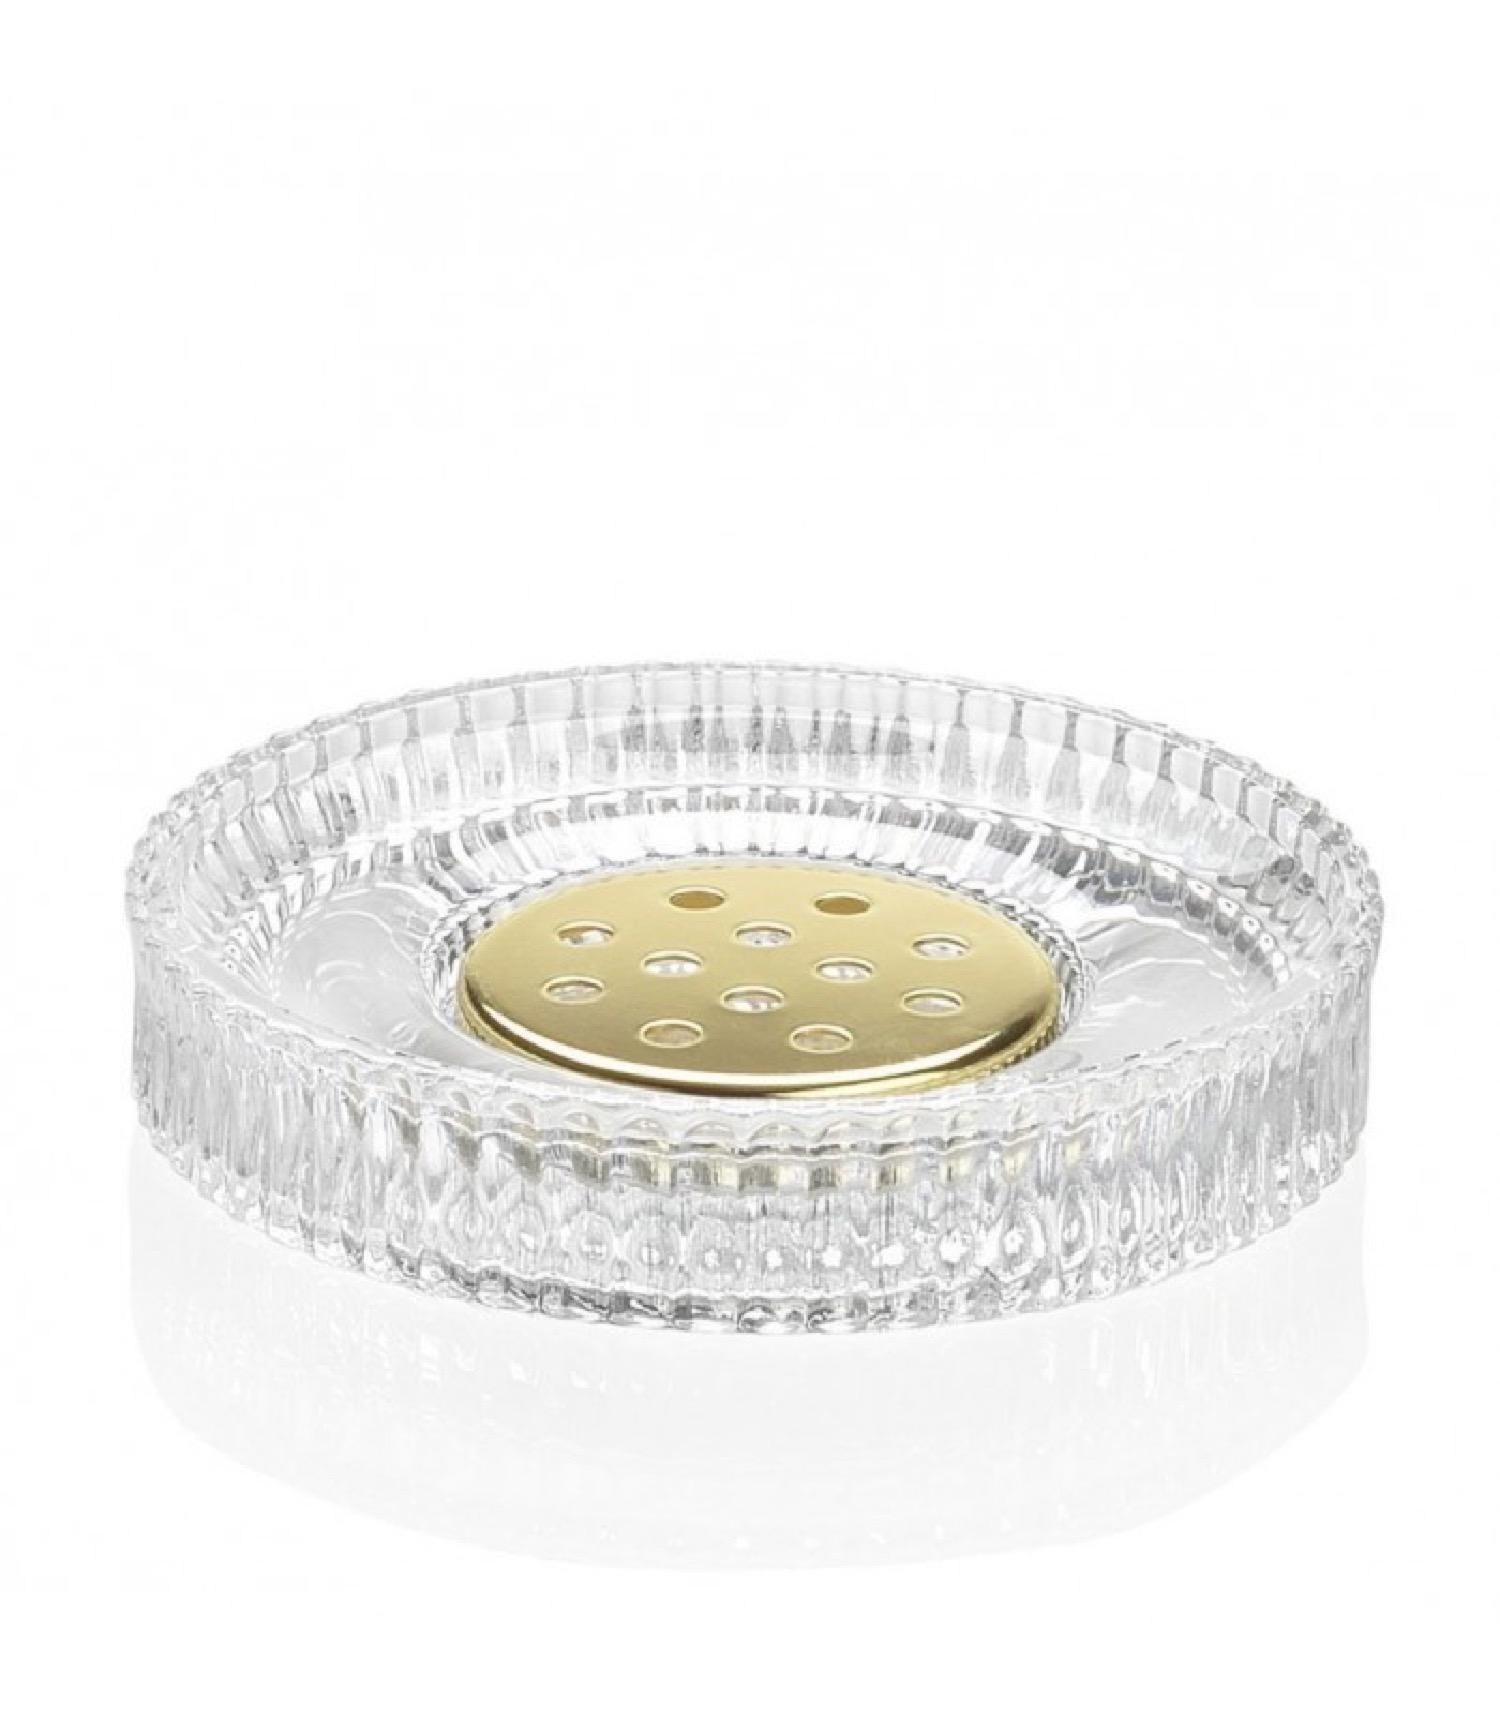 Porte savon rond en verre et métal doré